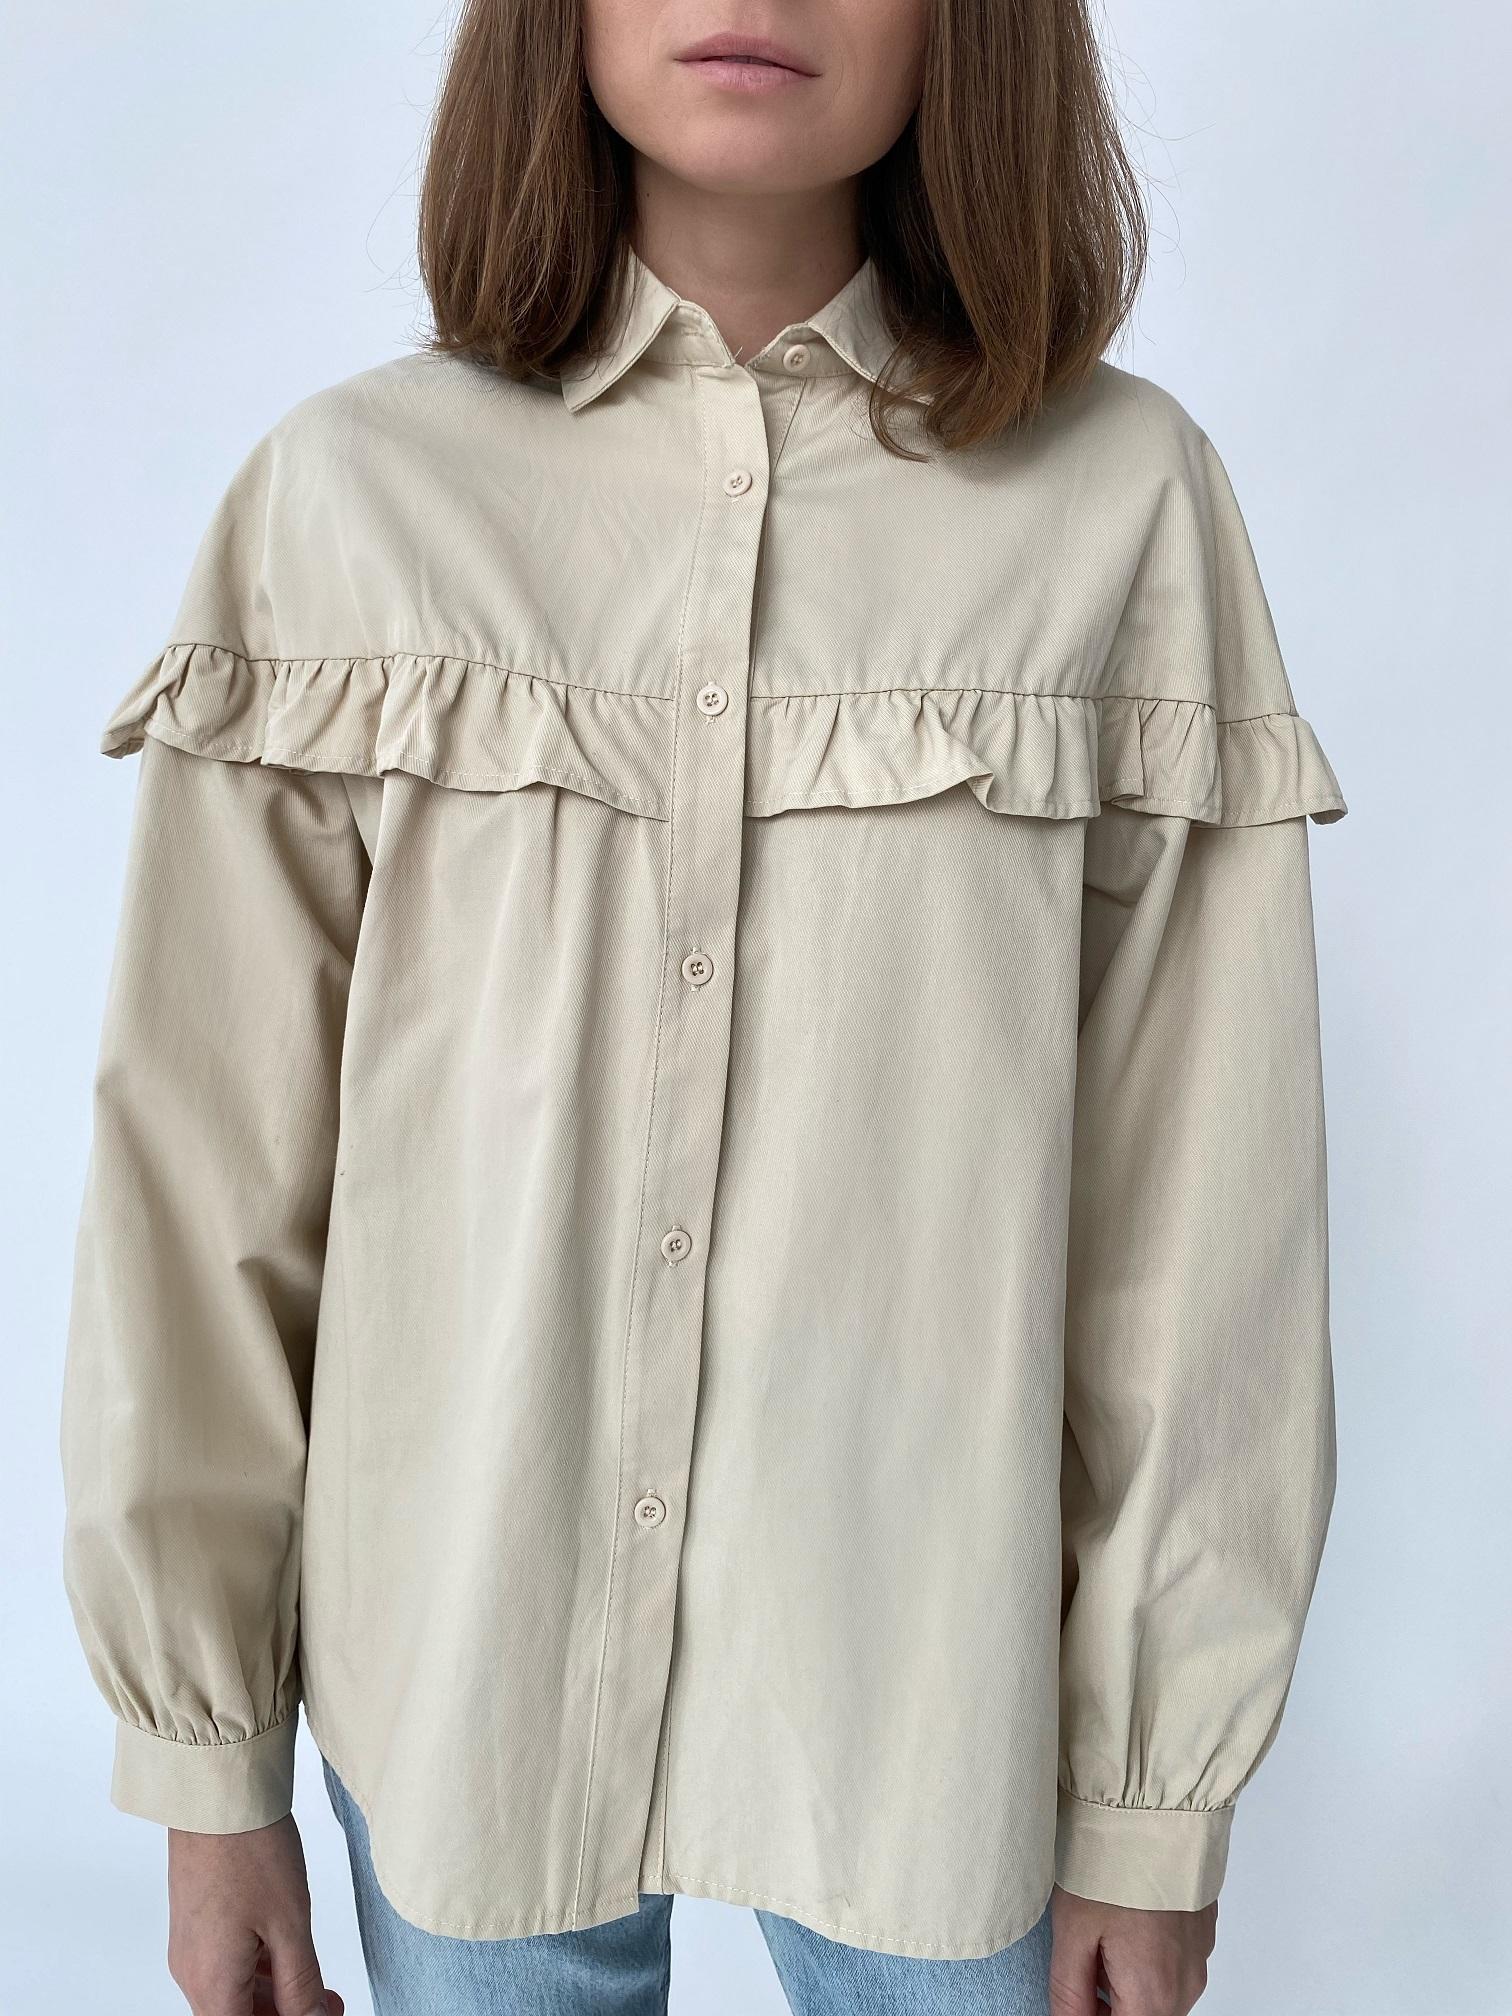 Рубашка, Ballerina, Jane Eyre (бежевый)